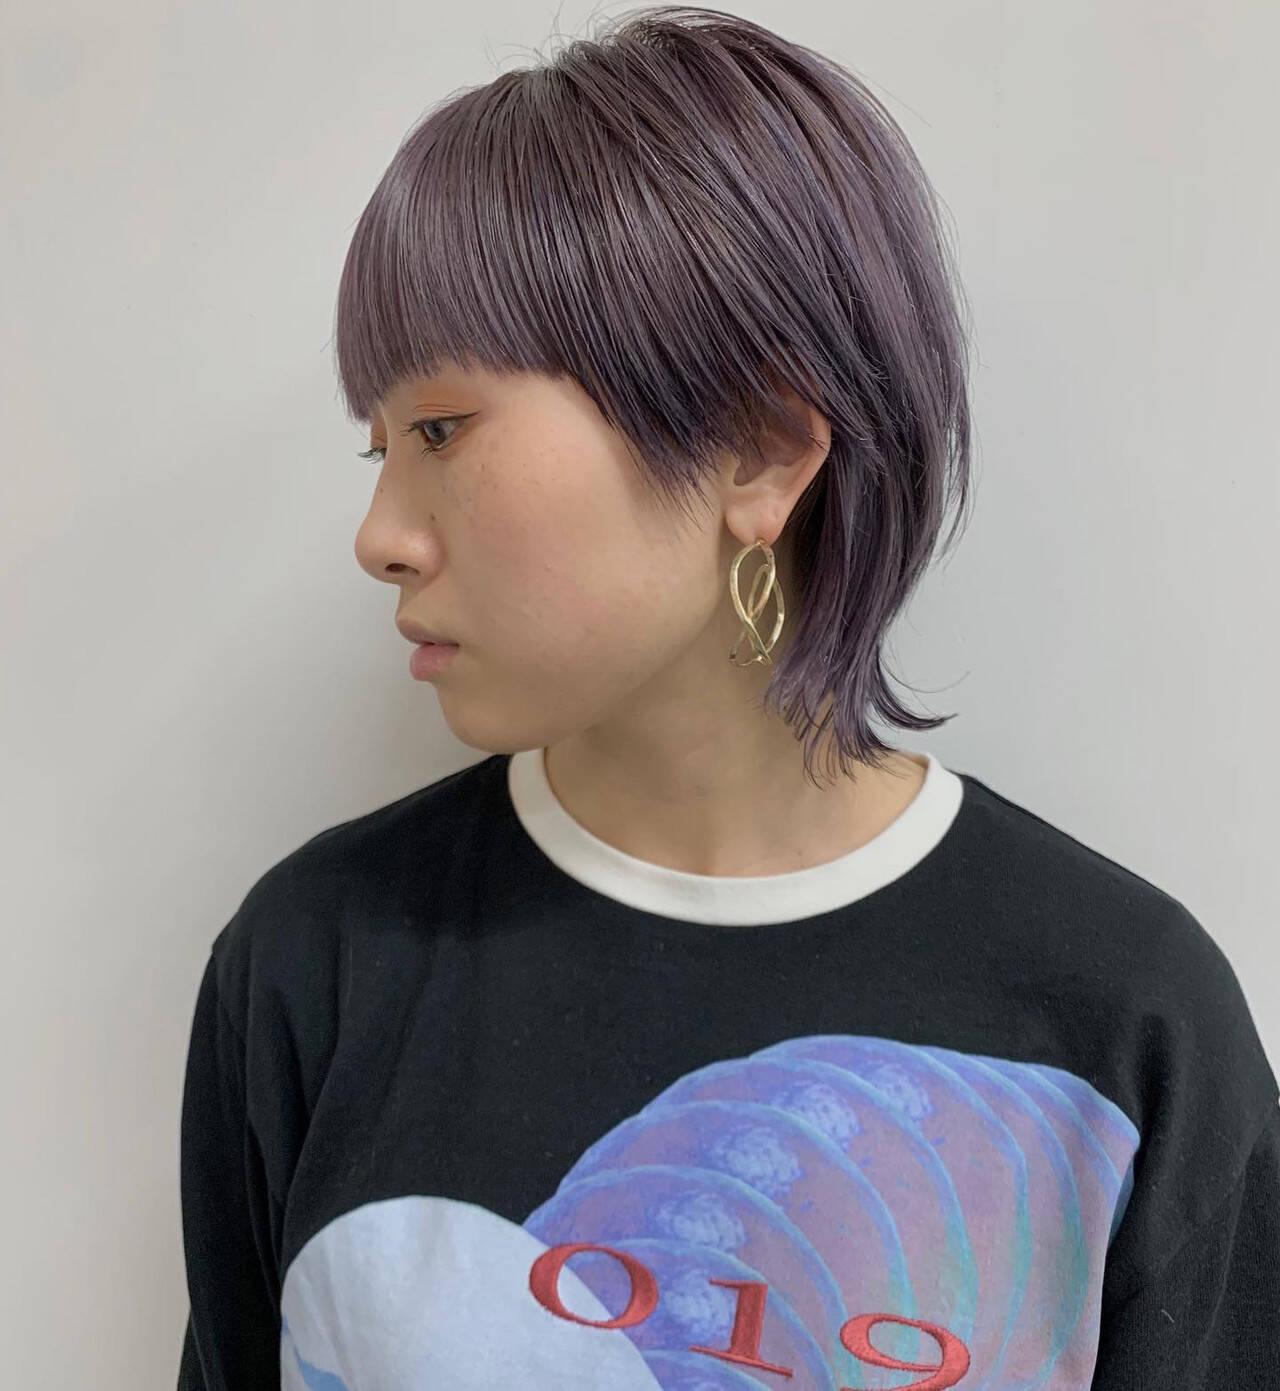 ストリート ラベンダーアッシュ ショートヘア マッシュウルフヘアスタイルや髪型の写真・画像